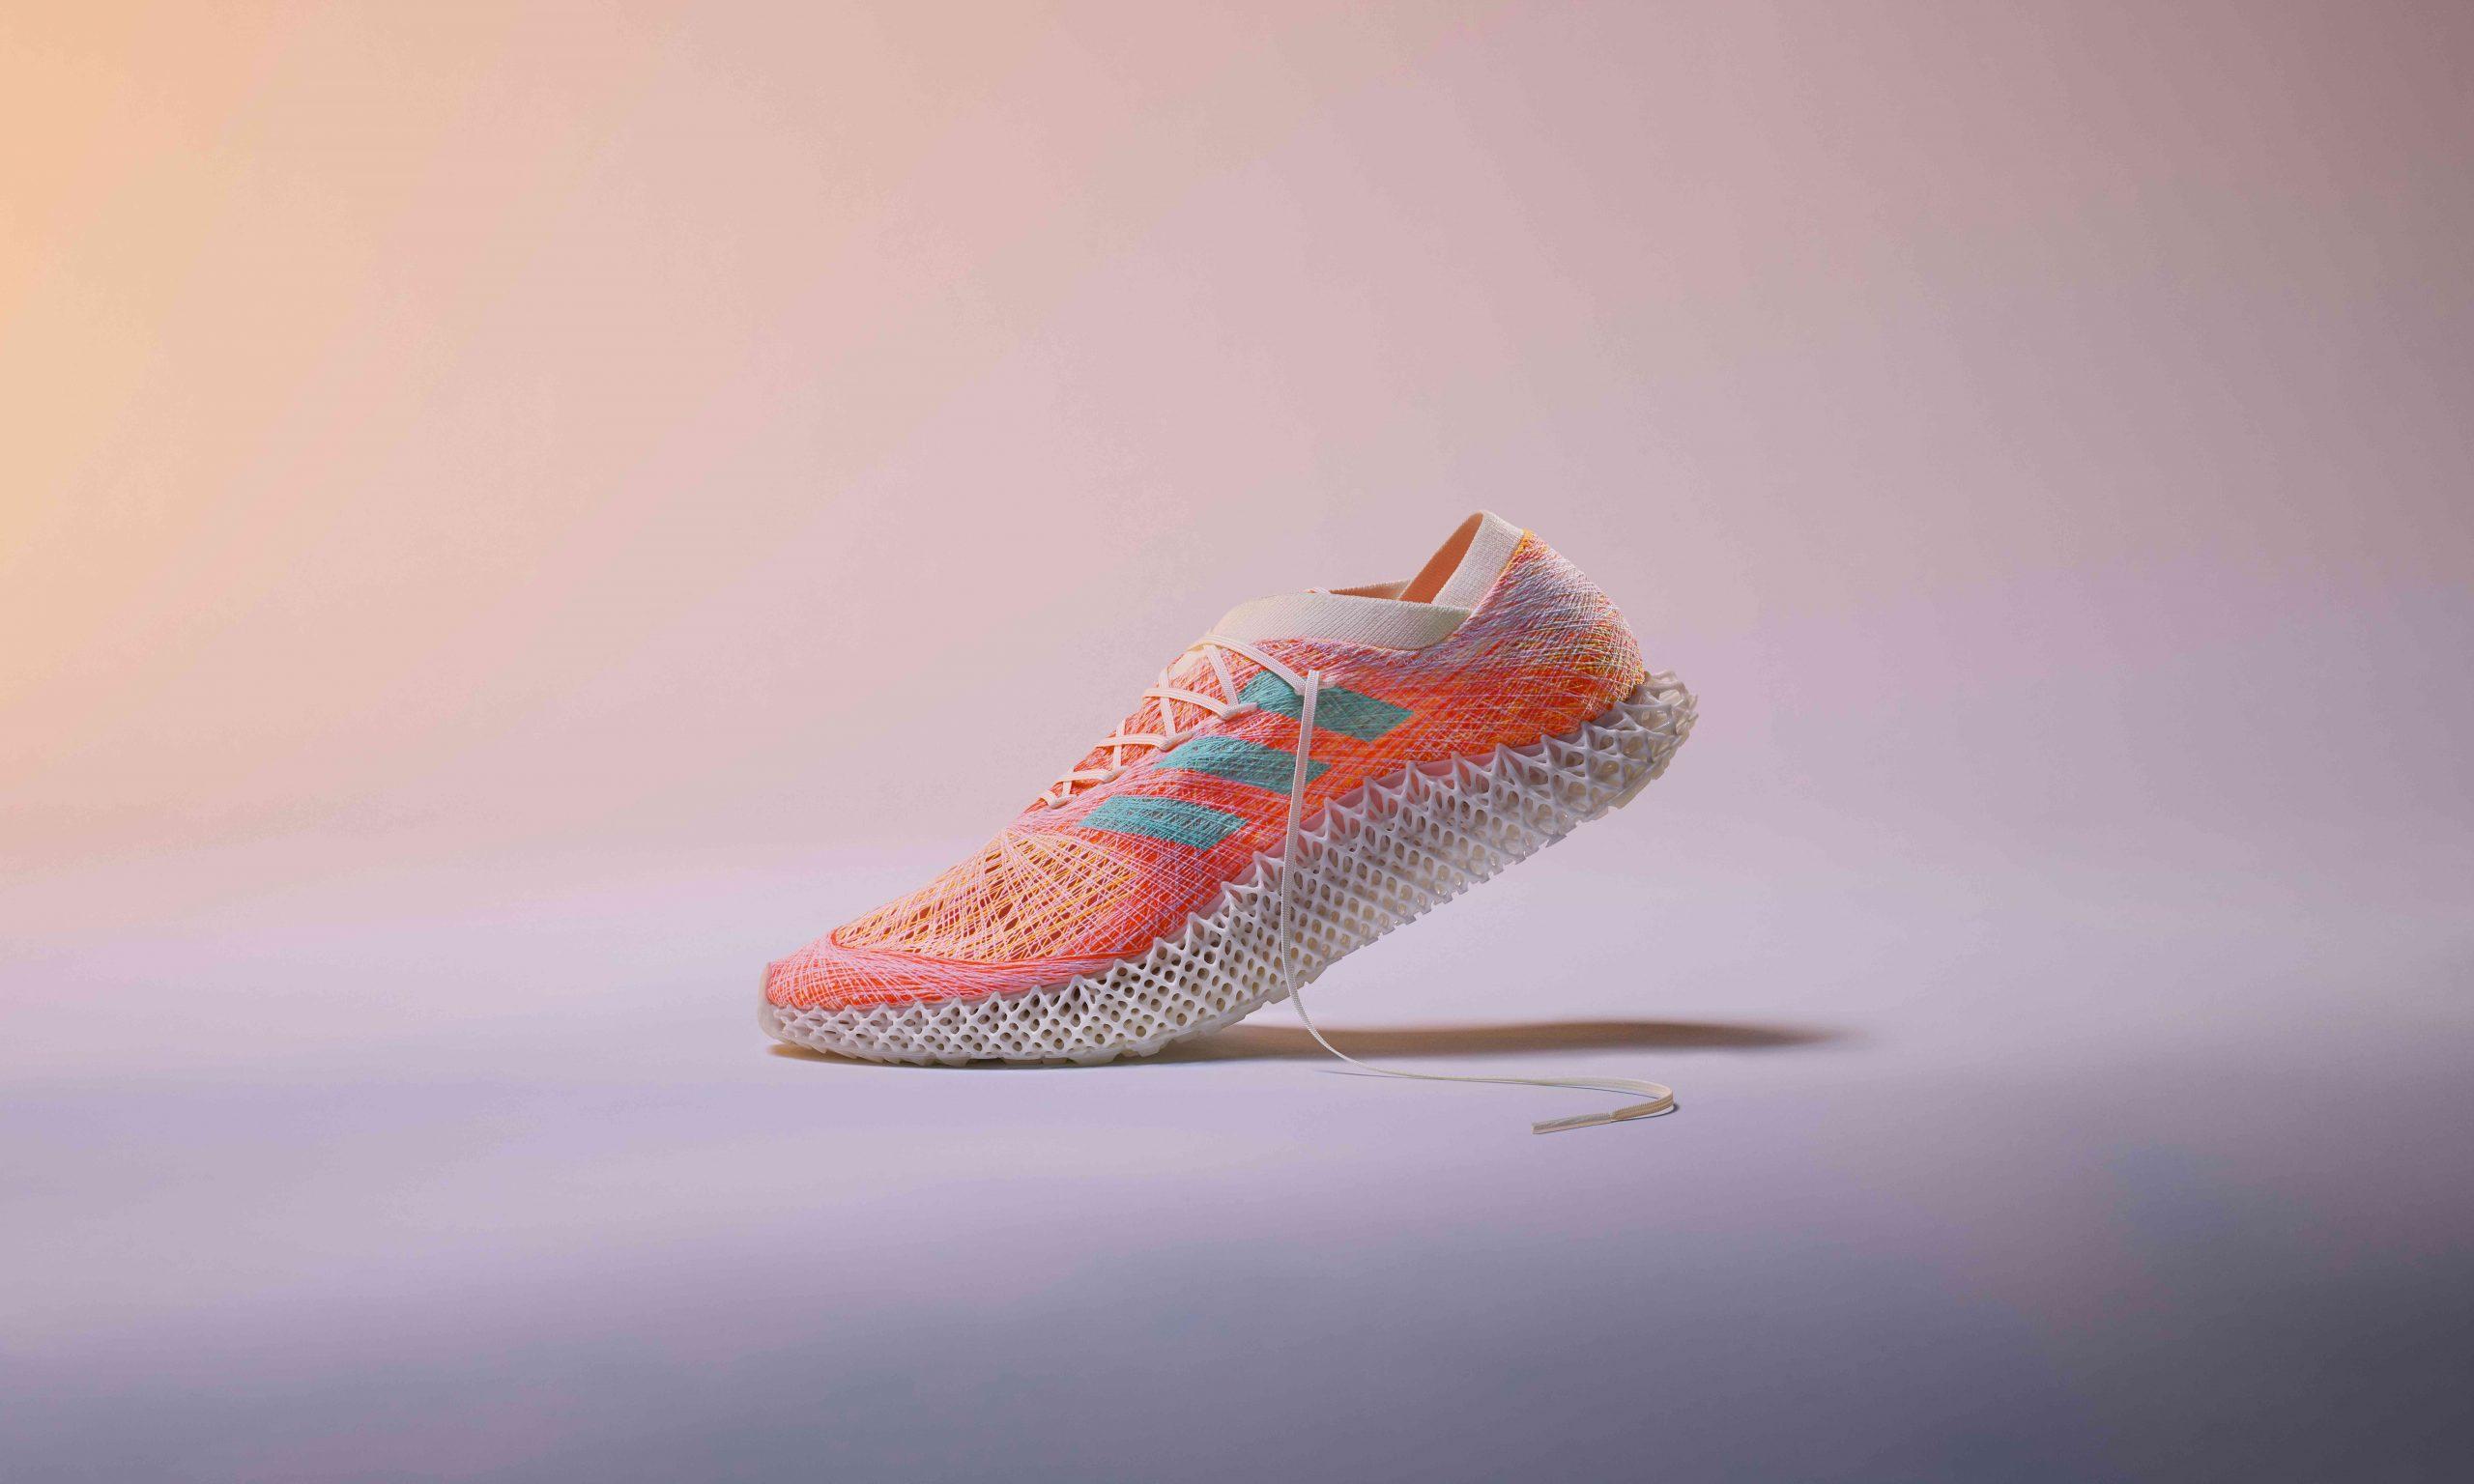 创新孵化运动新可能,adidas 发布 FUTURECRAFT.STRUNG概念跑鞋